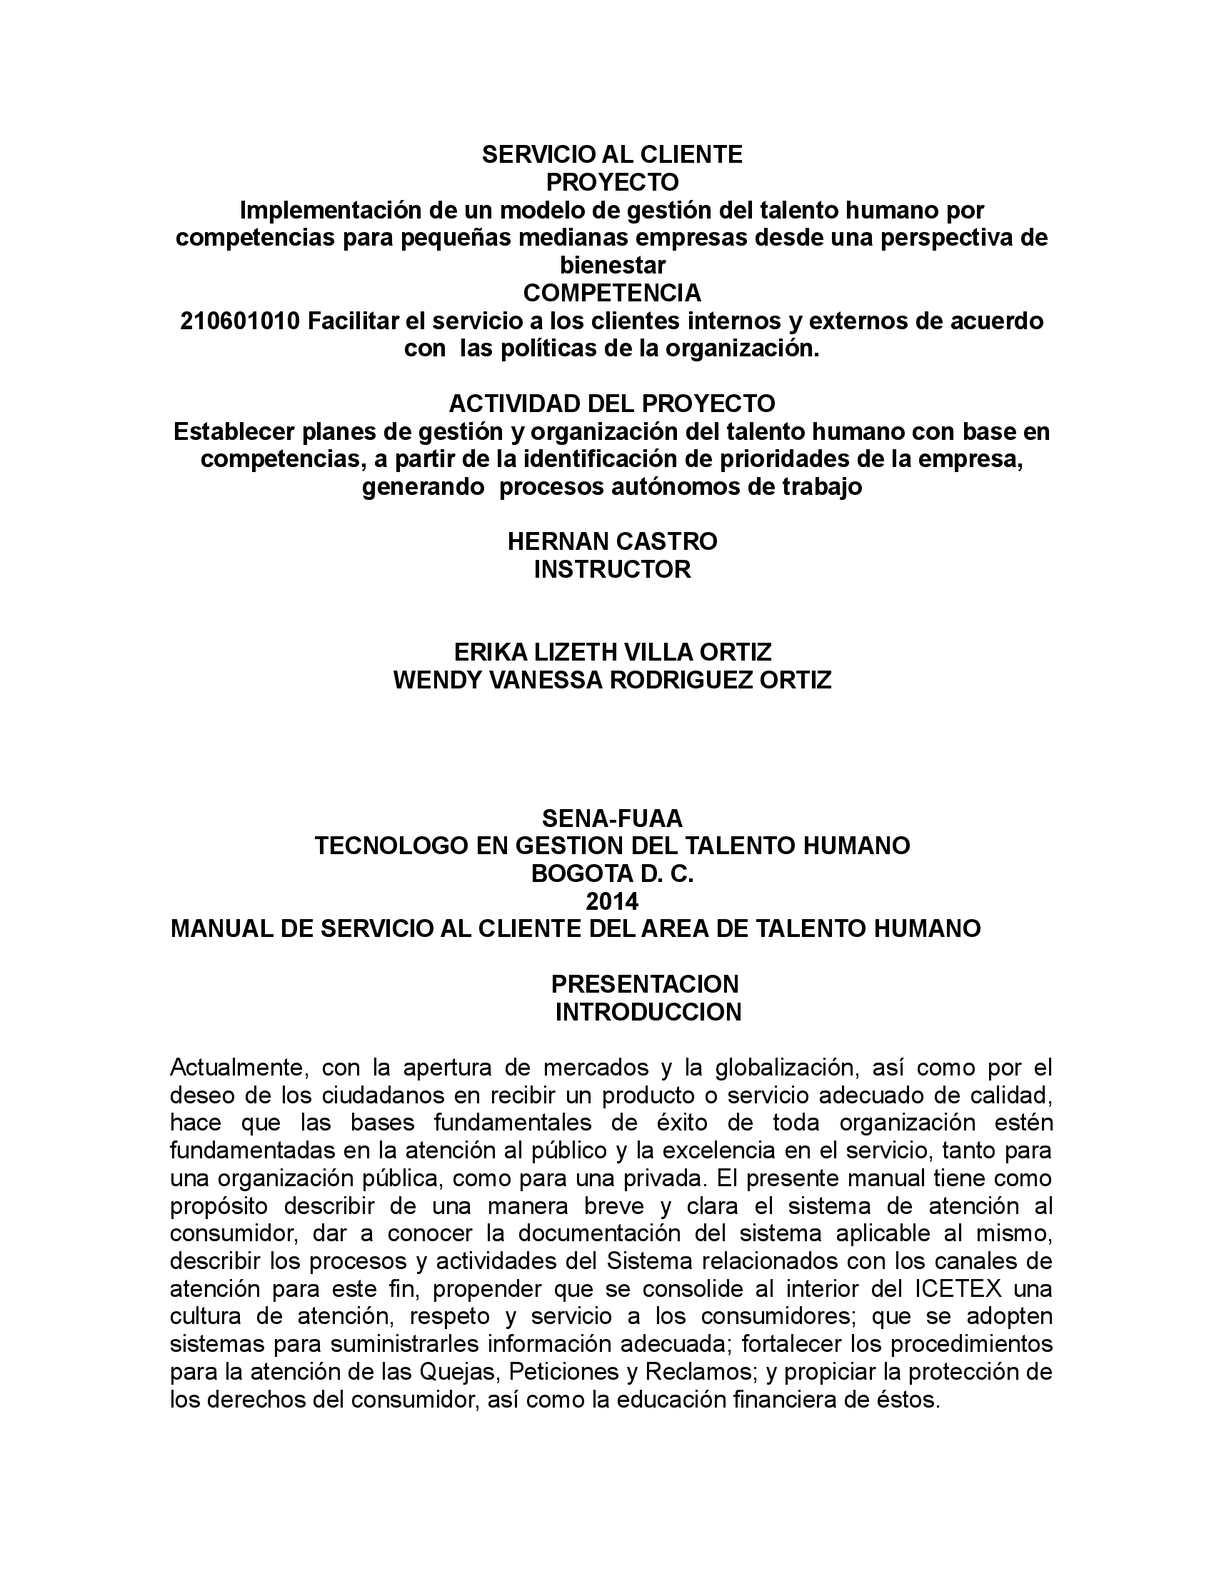 MANUAL DE SERVICIO AL CLIENTE EPUB DOWNLOAD